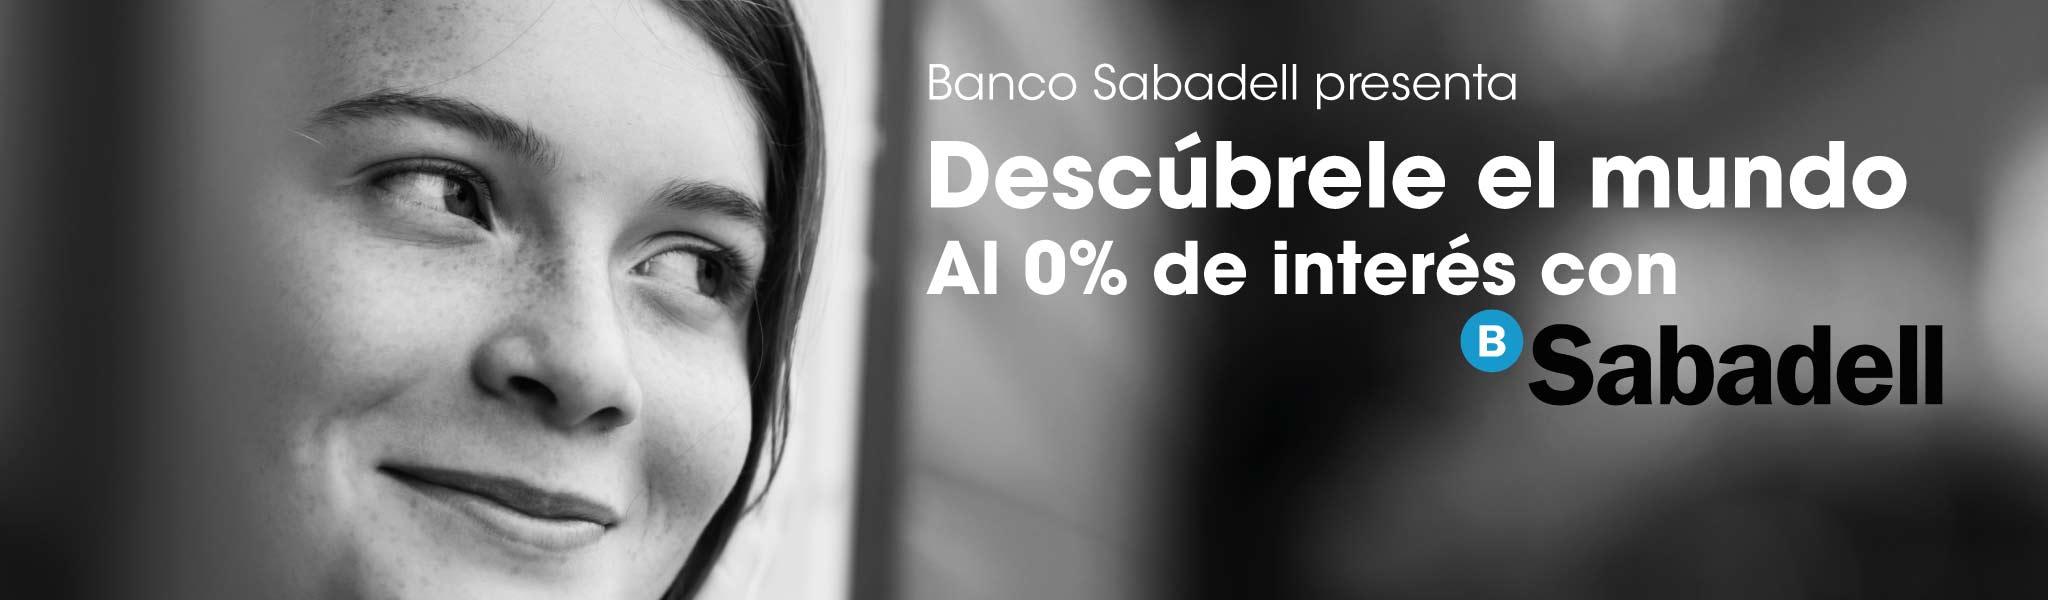 Publicidad: Banco Sabadell presenta: 'Descúbrele el mundo al 0% de interés con Sabadell'